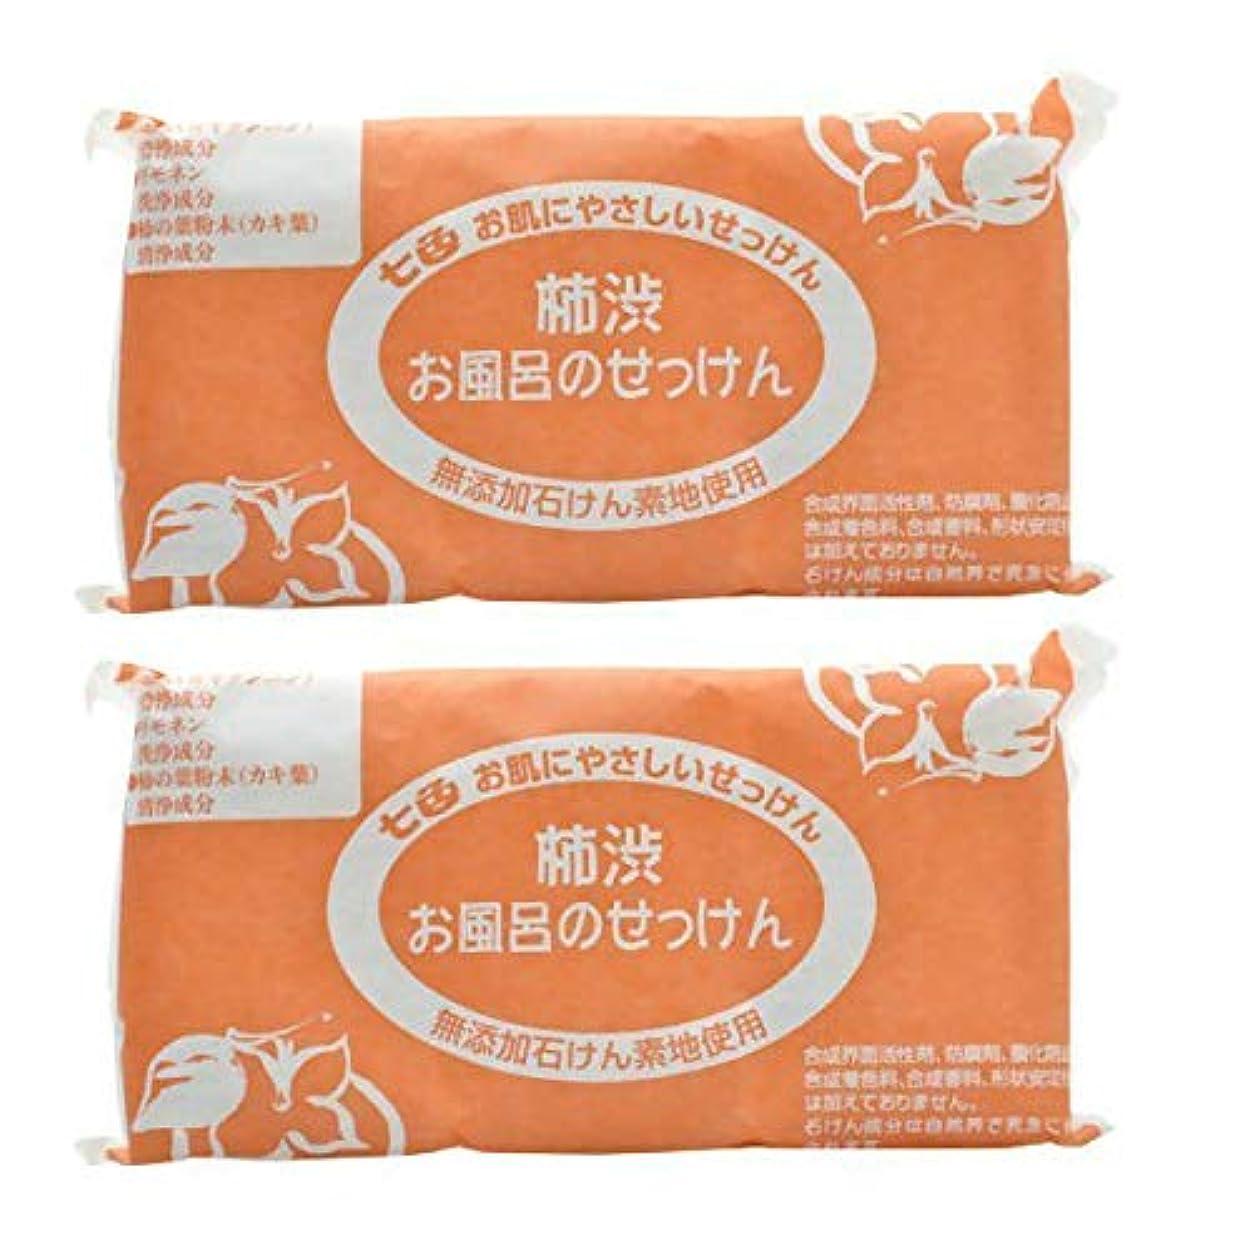 レオナルドダ好意勇敢な七色 お風呂のせっけん 柿渋(無添加石鹸) 100g×3個入×2セット